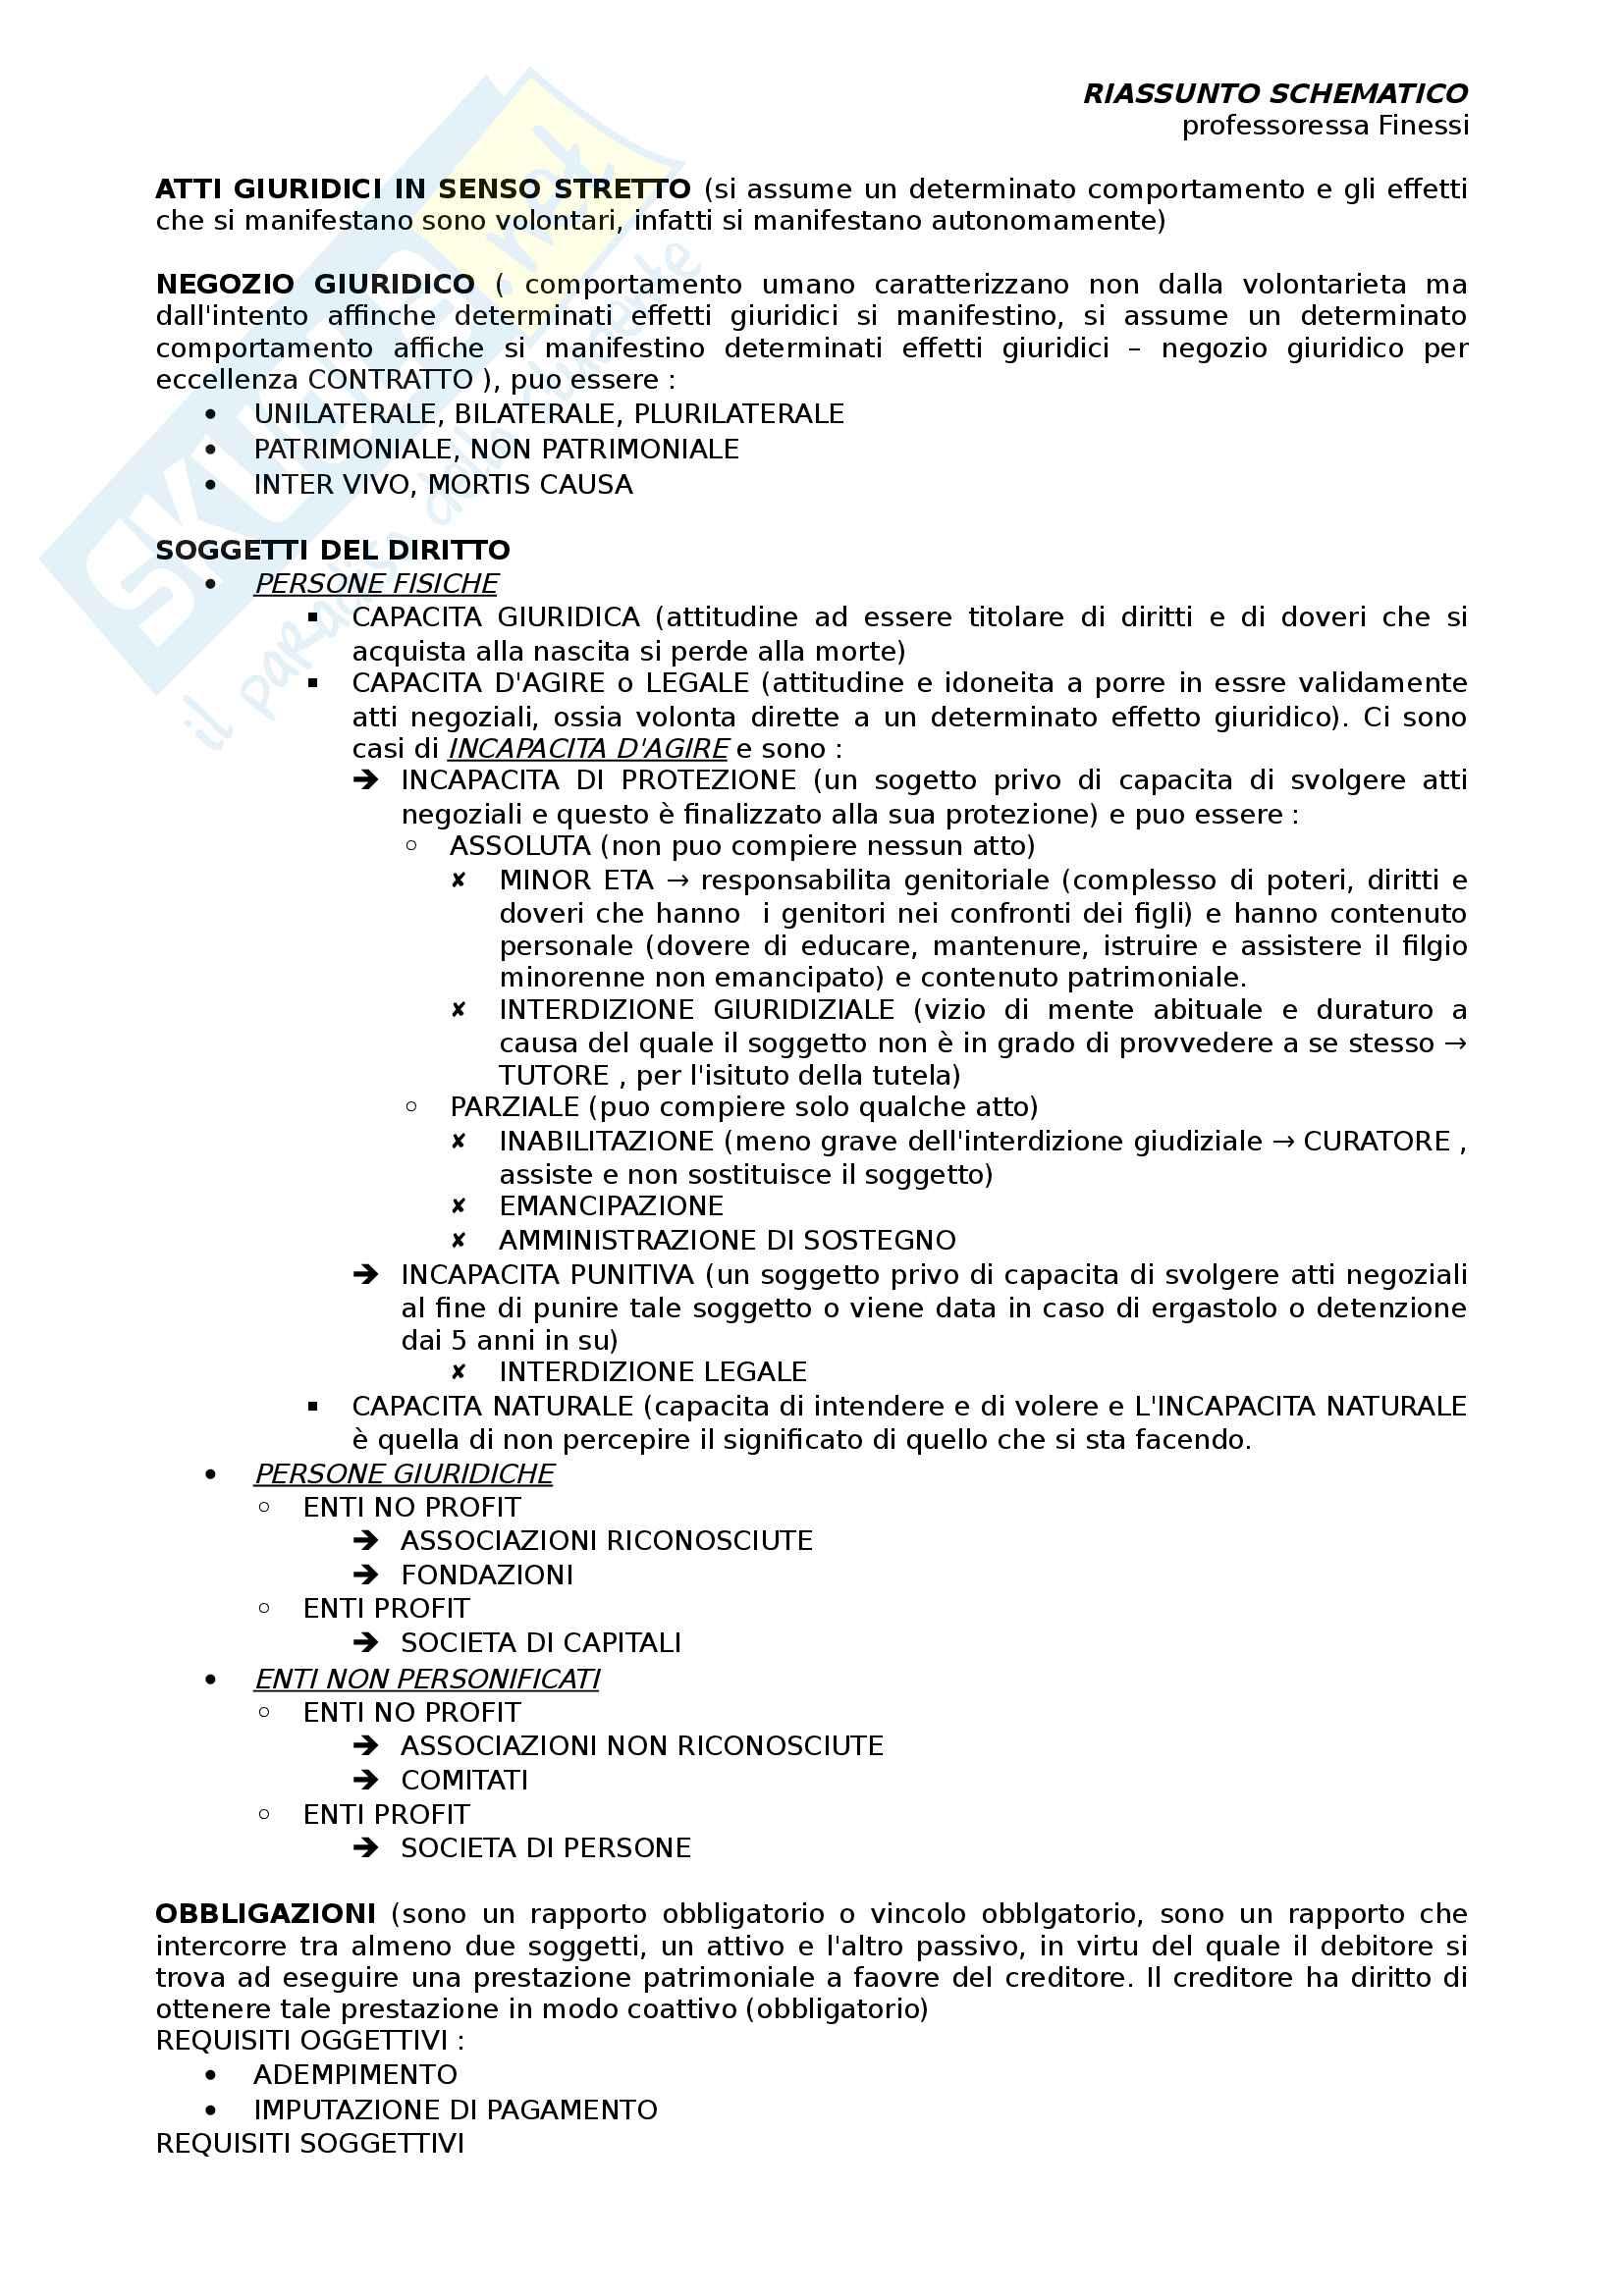 Schema riassuntivo Diritto privato(prof Finessi)